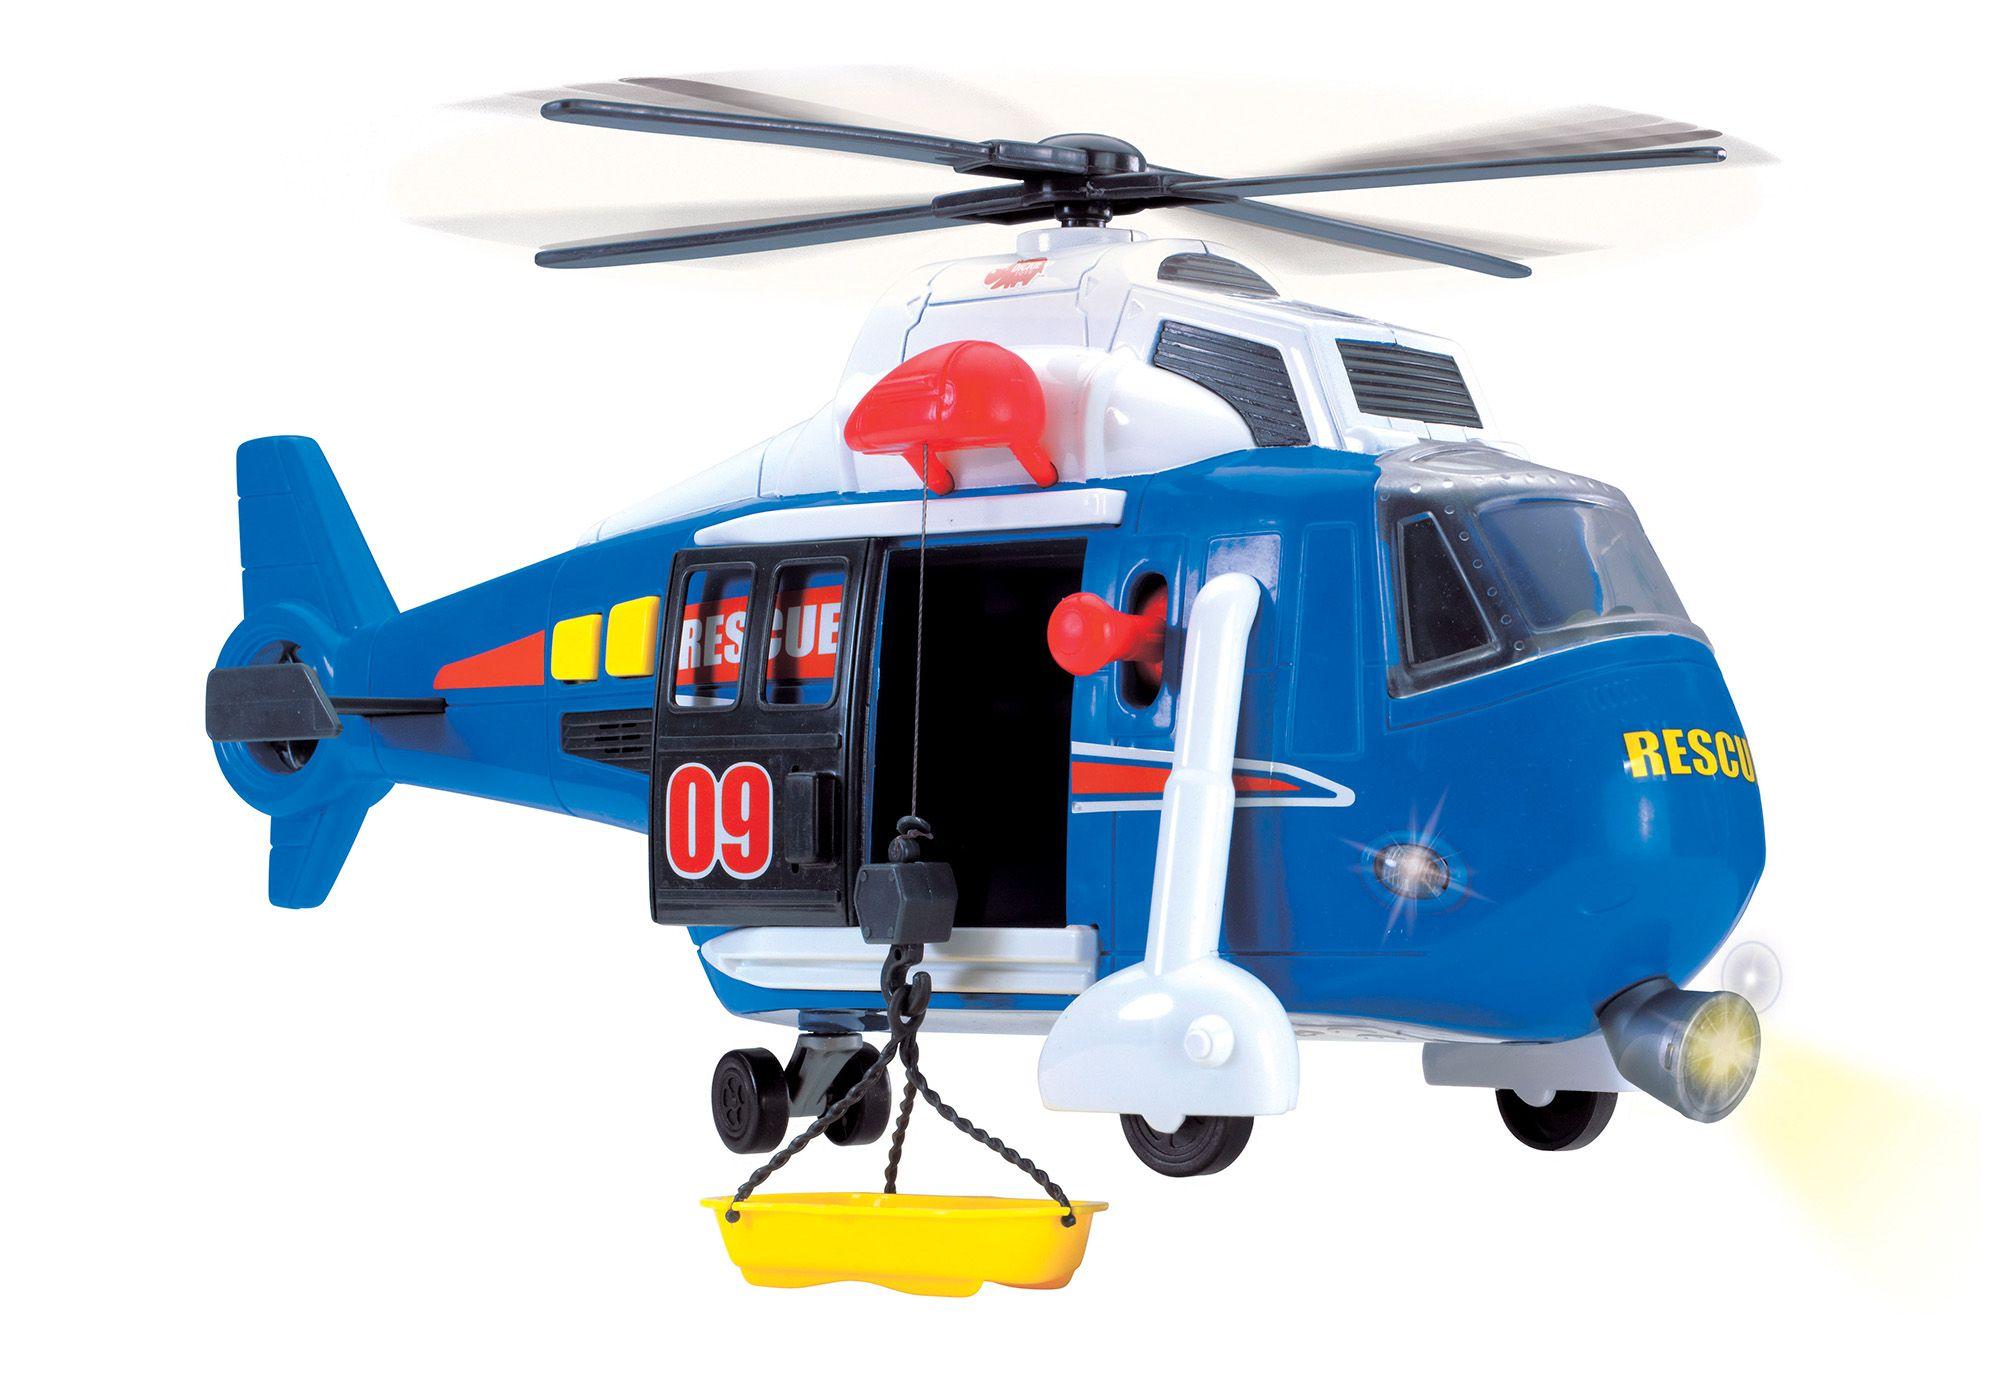 DICKIE TOYS Dickie Toys Helikopter mit drehbarem Rotor, Licht und Sound